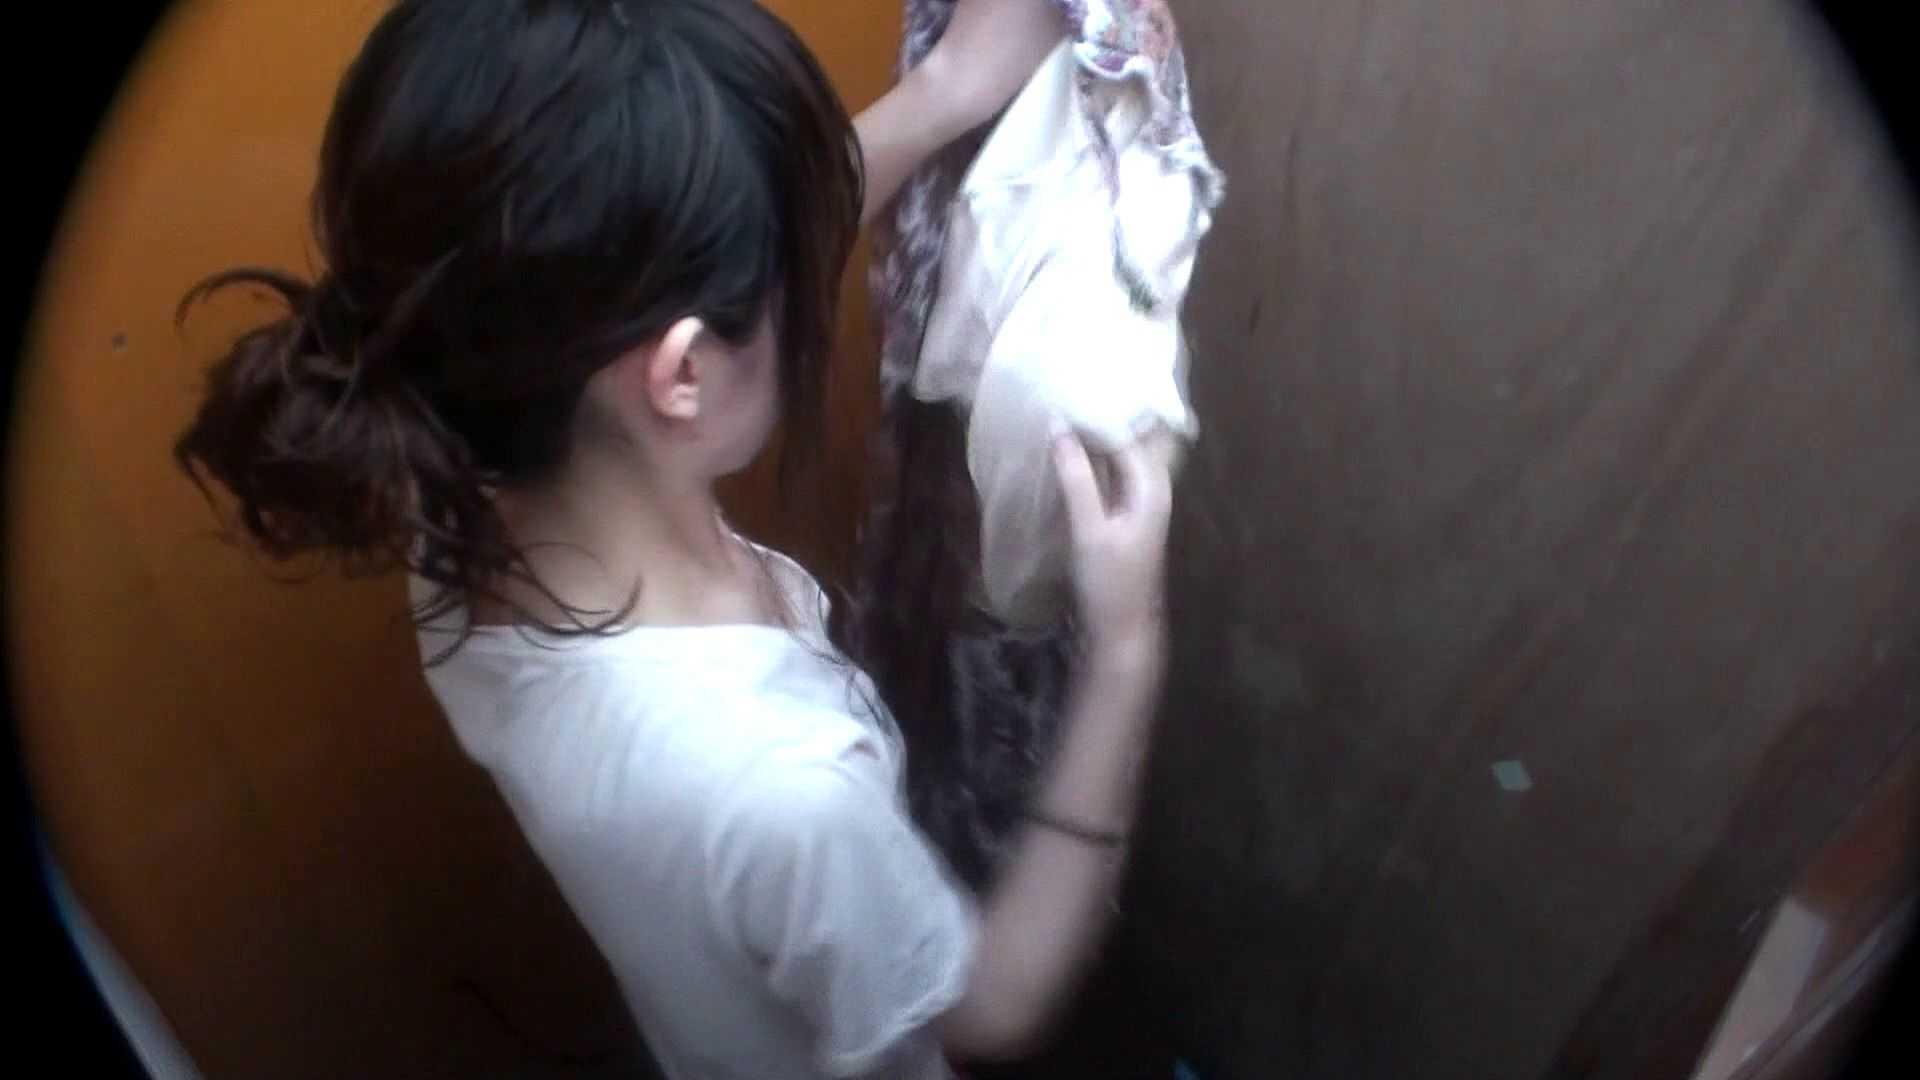 シャワールームは超!!危険な香りVol.29 こっちを向いて欲しい貧乳姉さん 高画質 のぞき動画画像 69画像 6